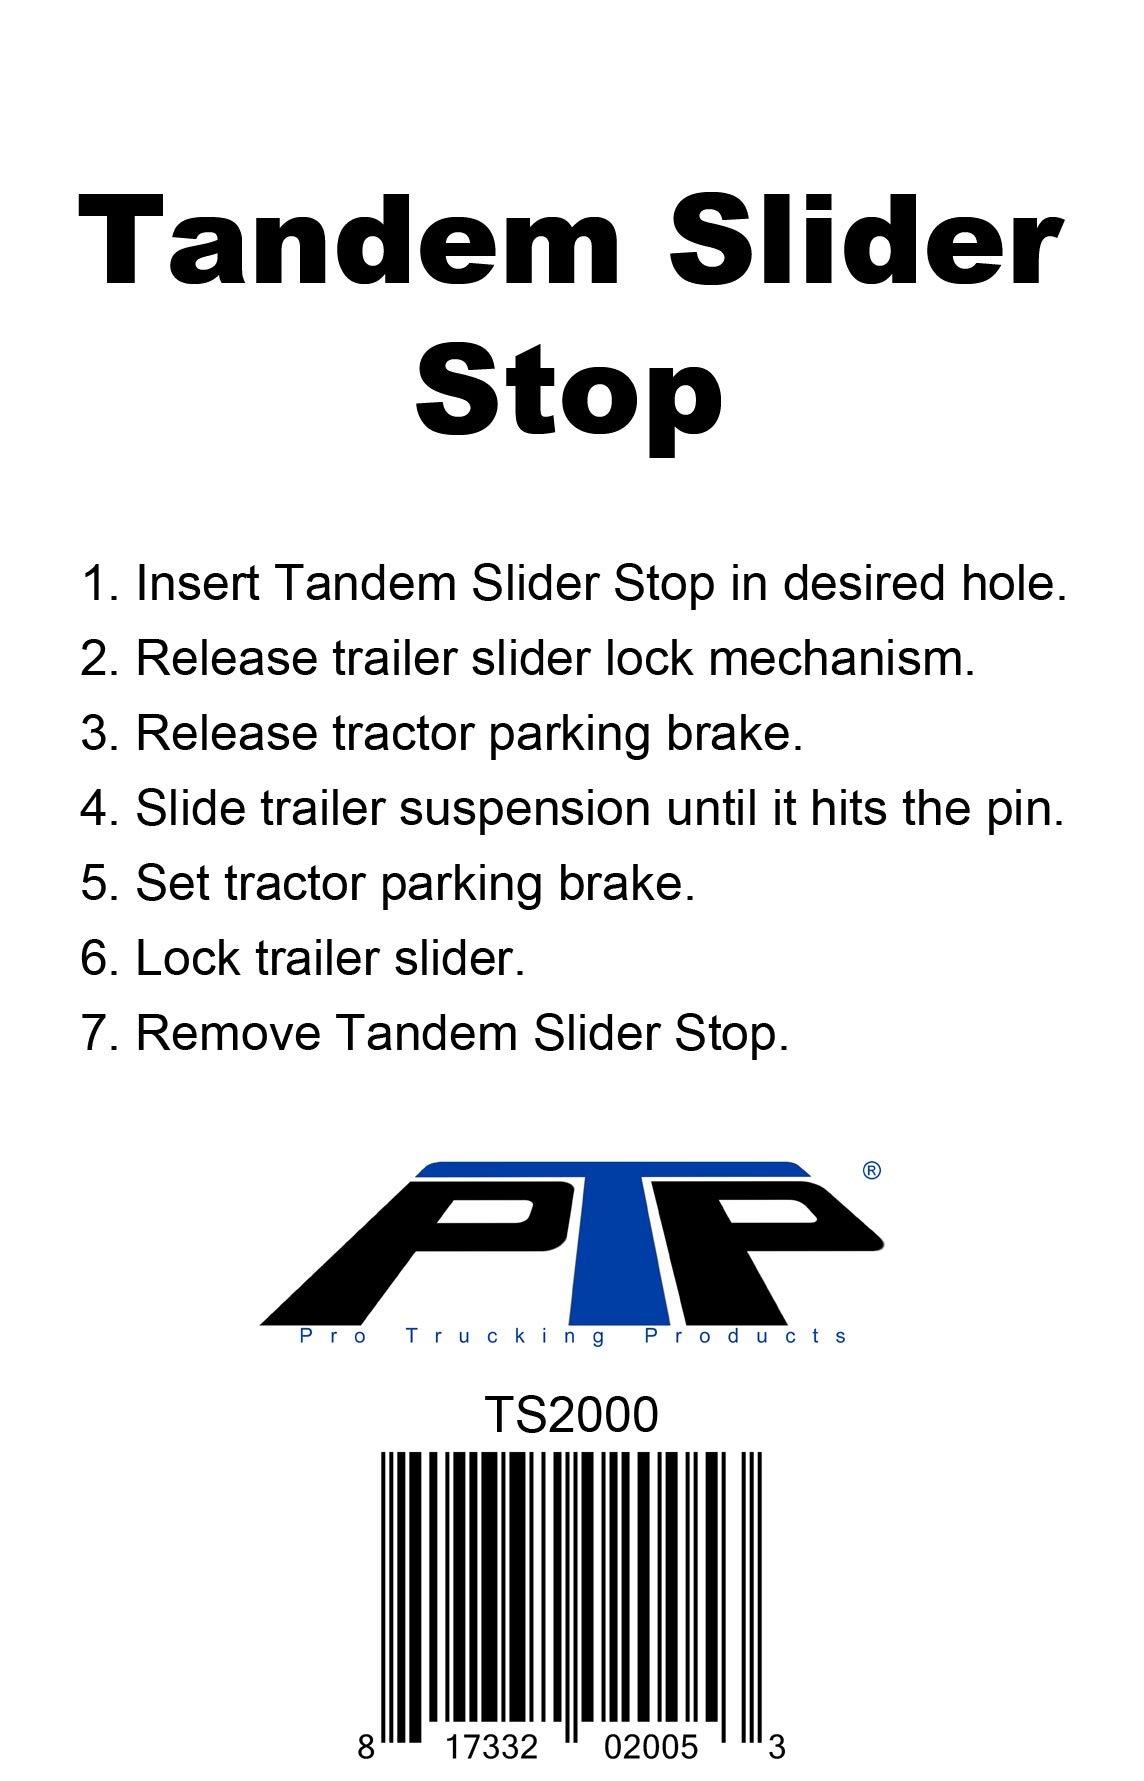 PTP Tandem Slider Stop